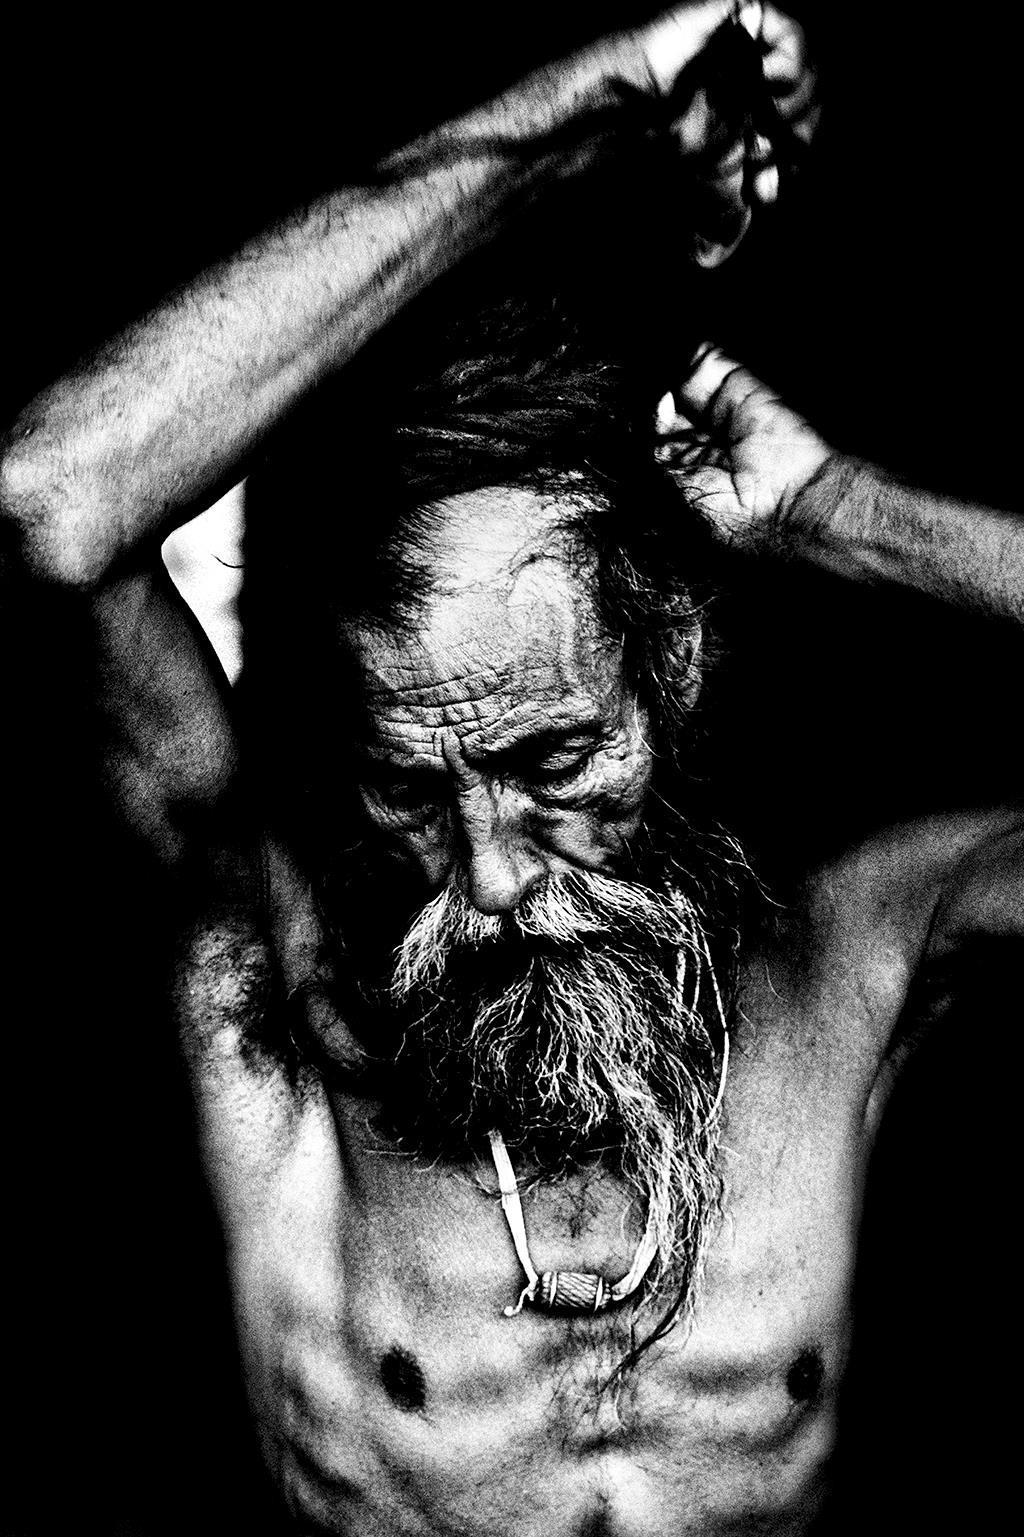 © Emiliano Pinnizzotto